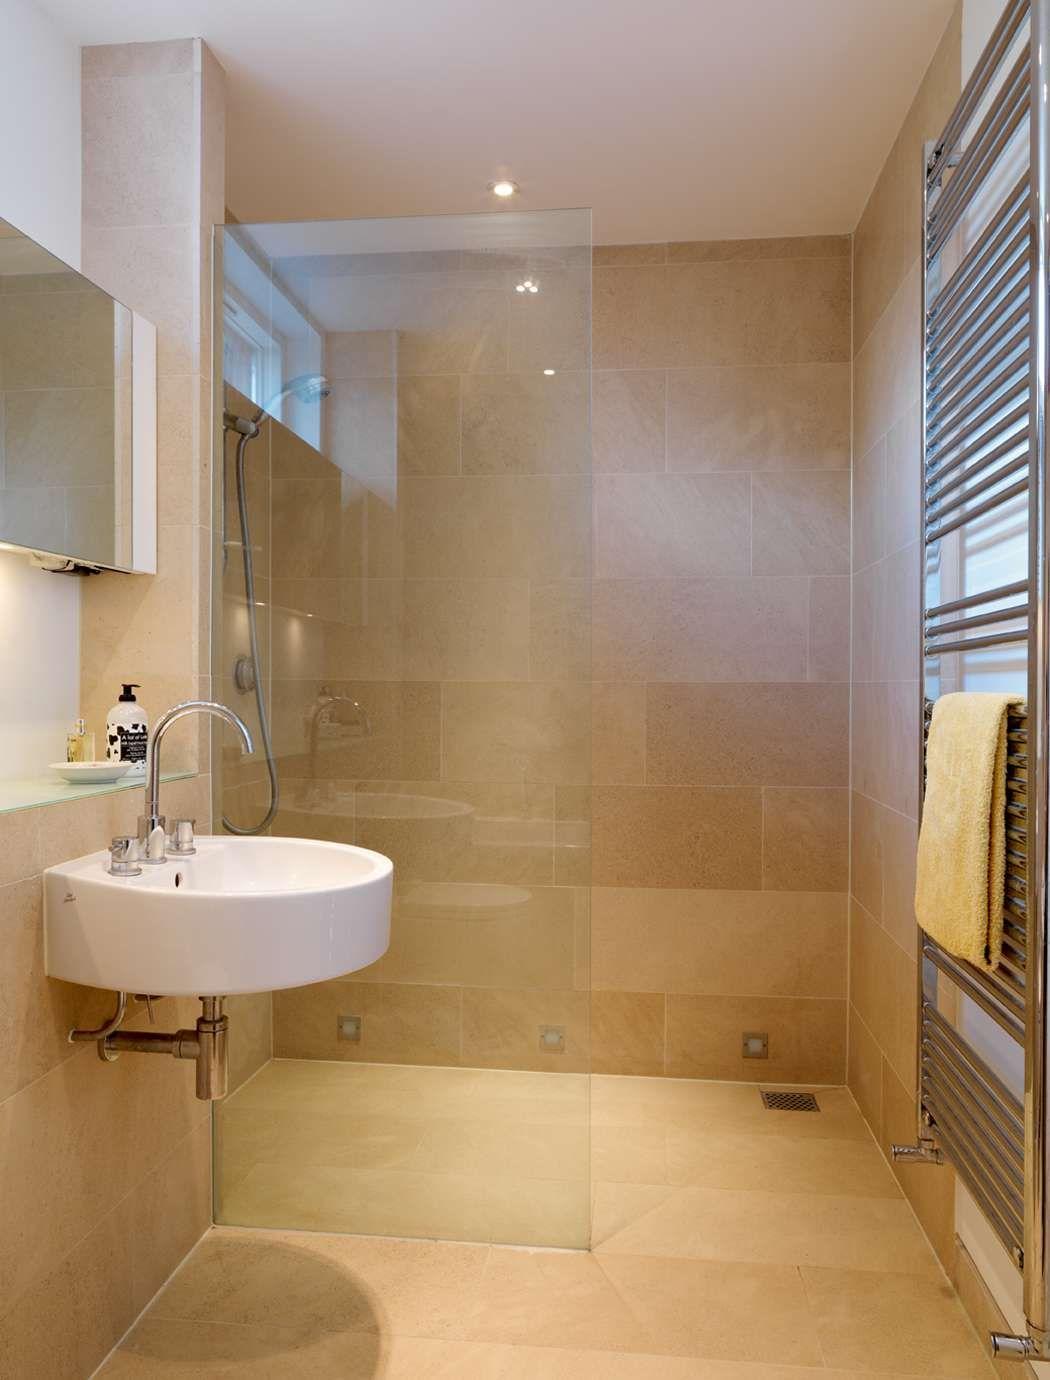 Model keramik kamar mandi minimalis modern model keramik kamar mandi - 42 Desain Kamar Mandi Sempit Minimalis Ukuran Kecil Yang Cantik